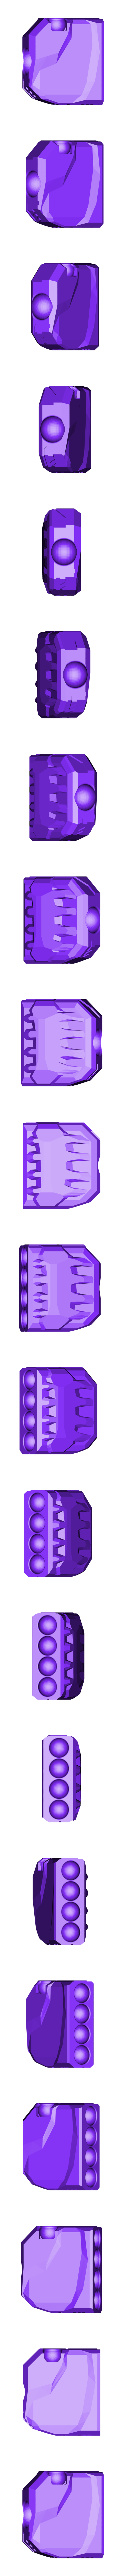 FULL_BALLJOINT_detail_v5_left.stl Télécharger fichier STL gratuit TRANSFORMERS CW POSABLE HANDS 2.0 • Design pour impression 3D, sickofyou